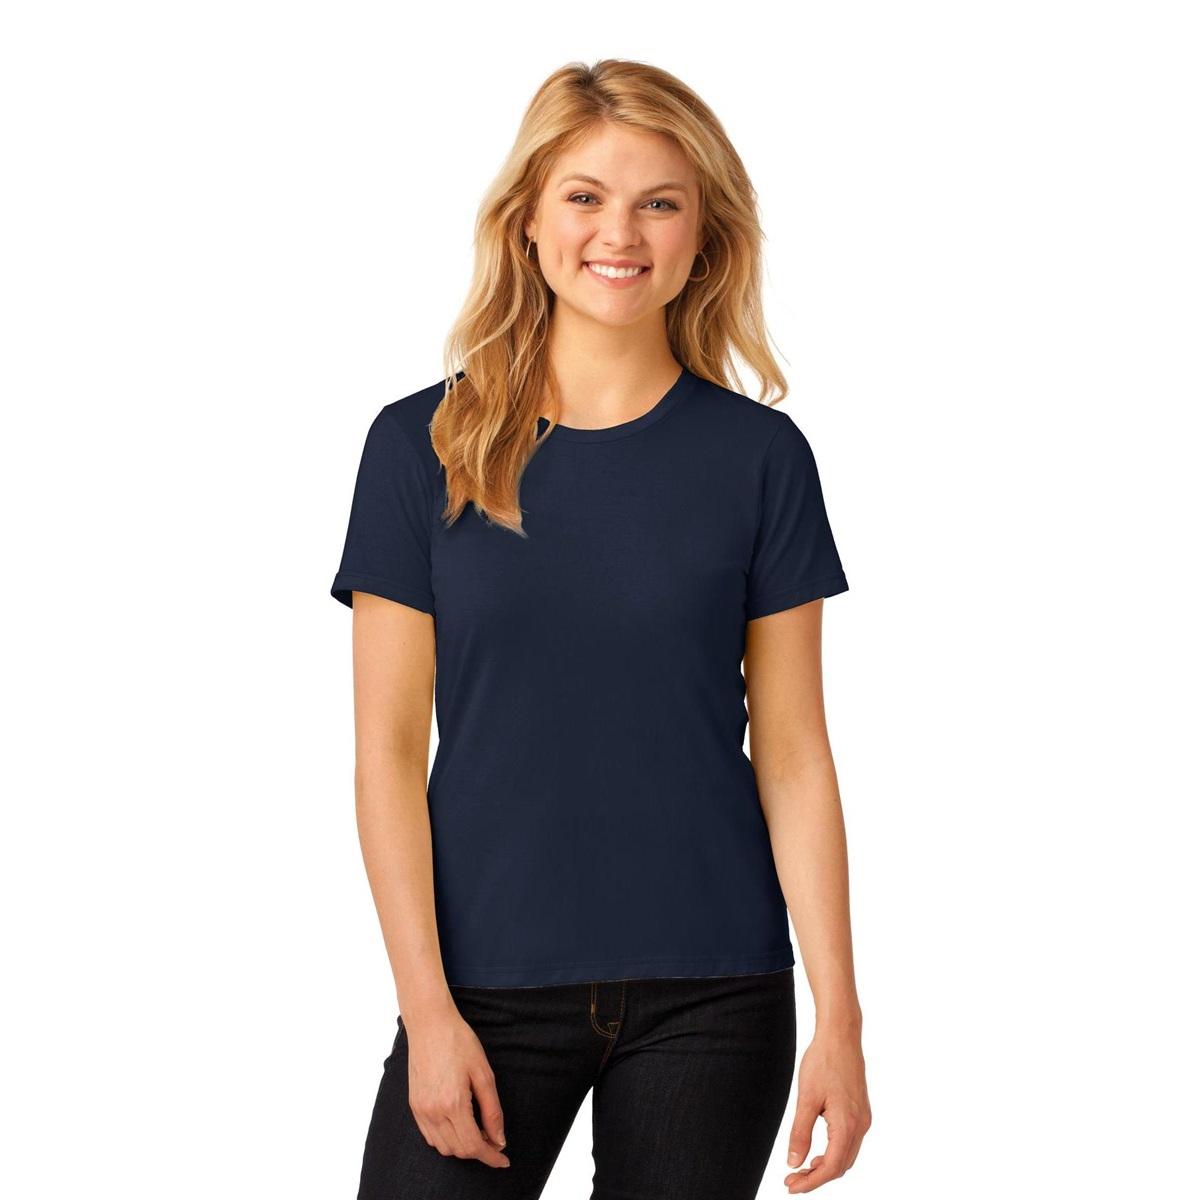 Anvil 880 ladies 100 ring spun cotton t shirt navy for 100 ringspun cotton t shirt wholesale